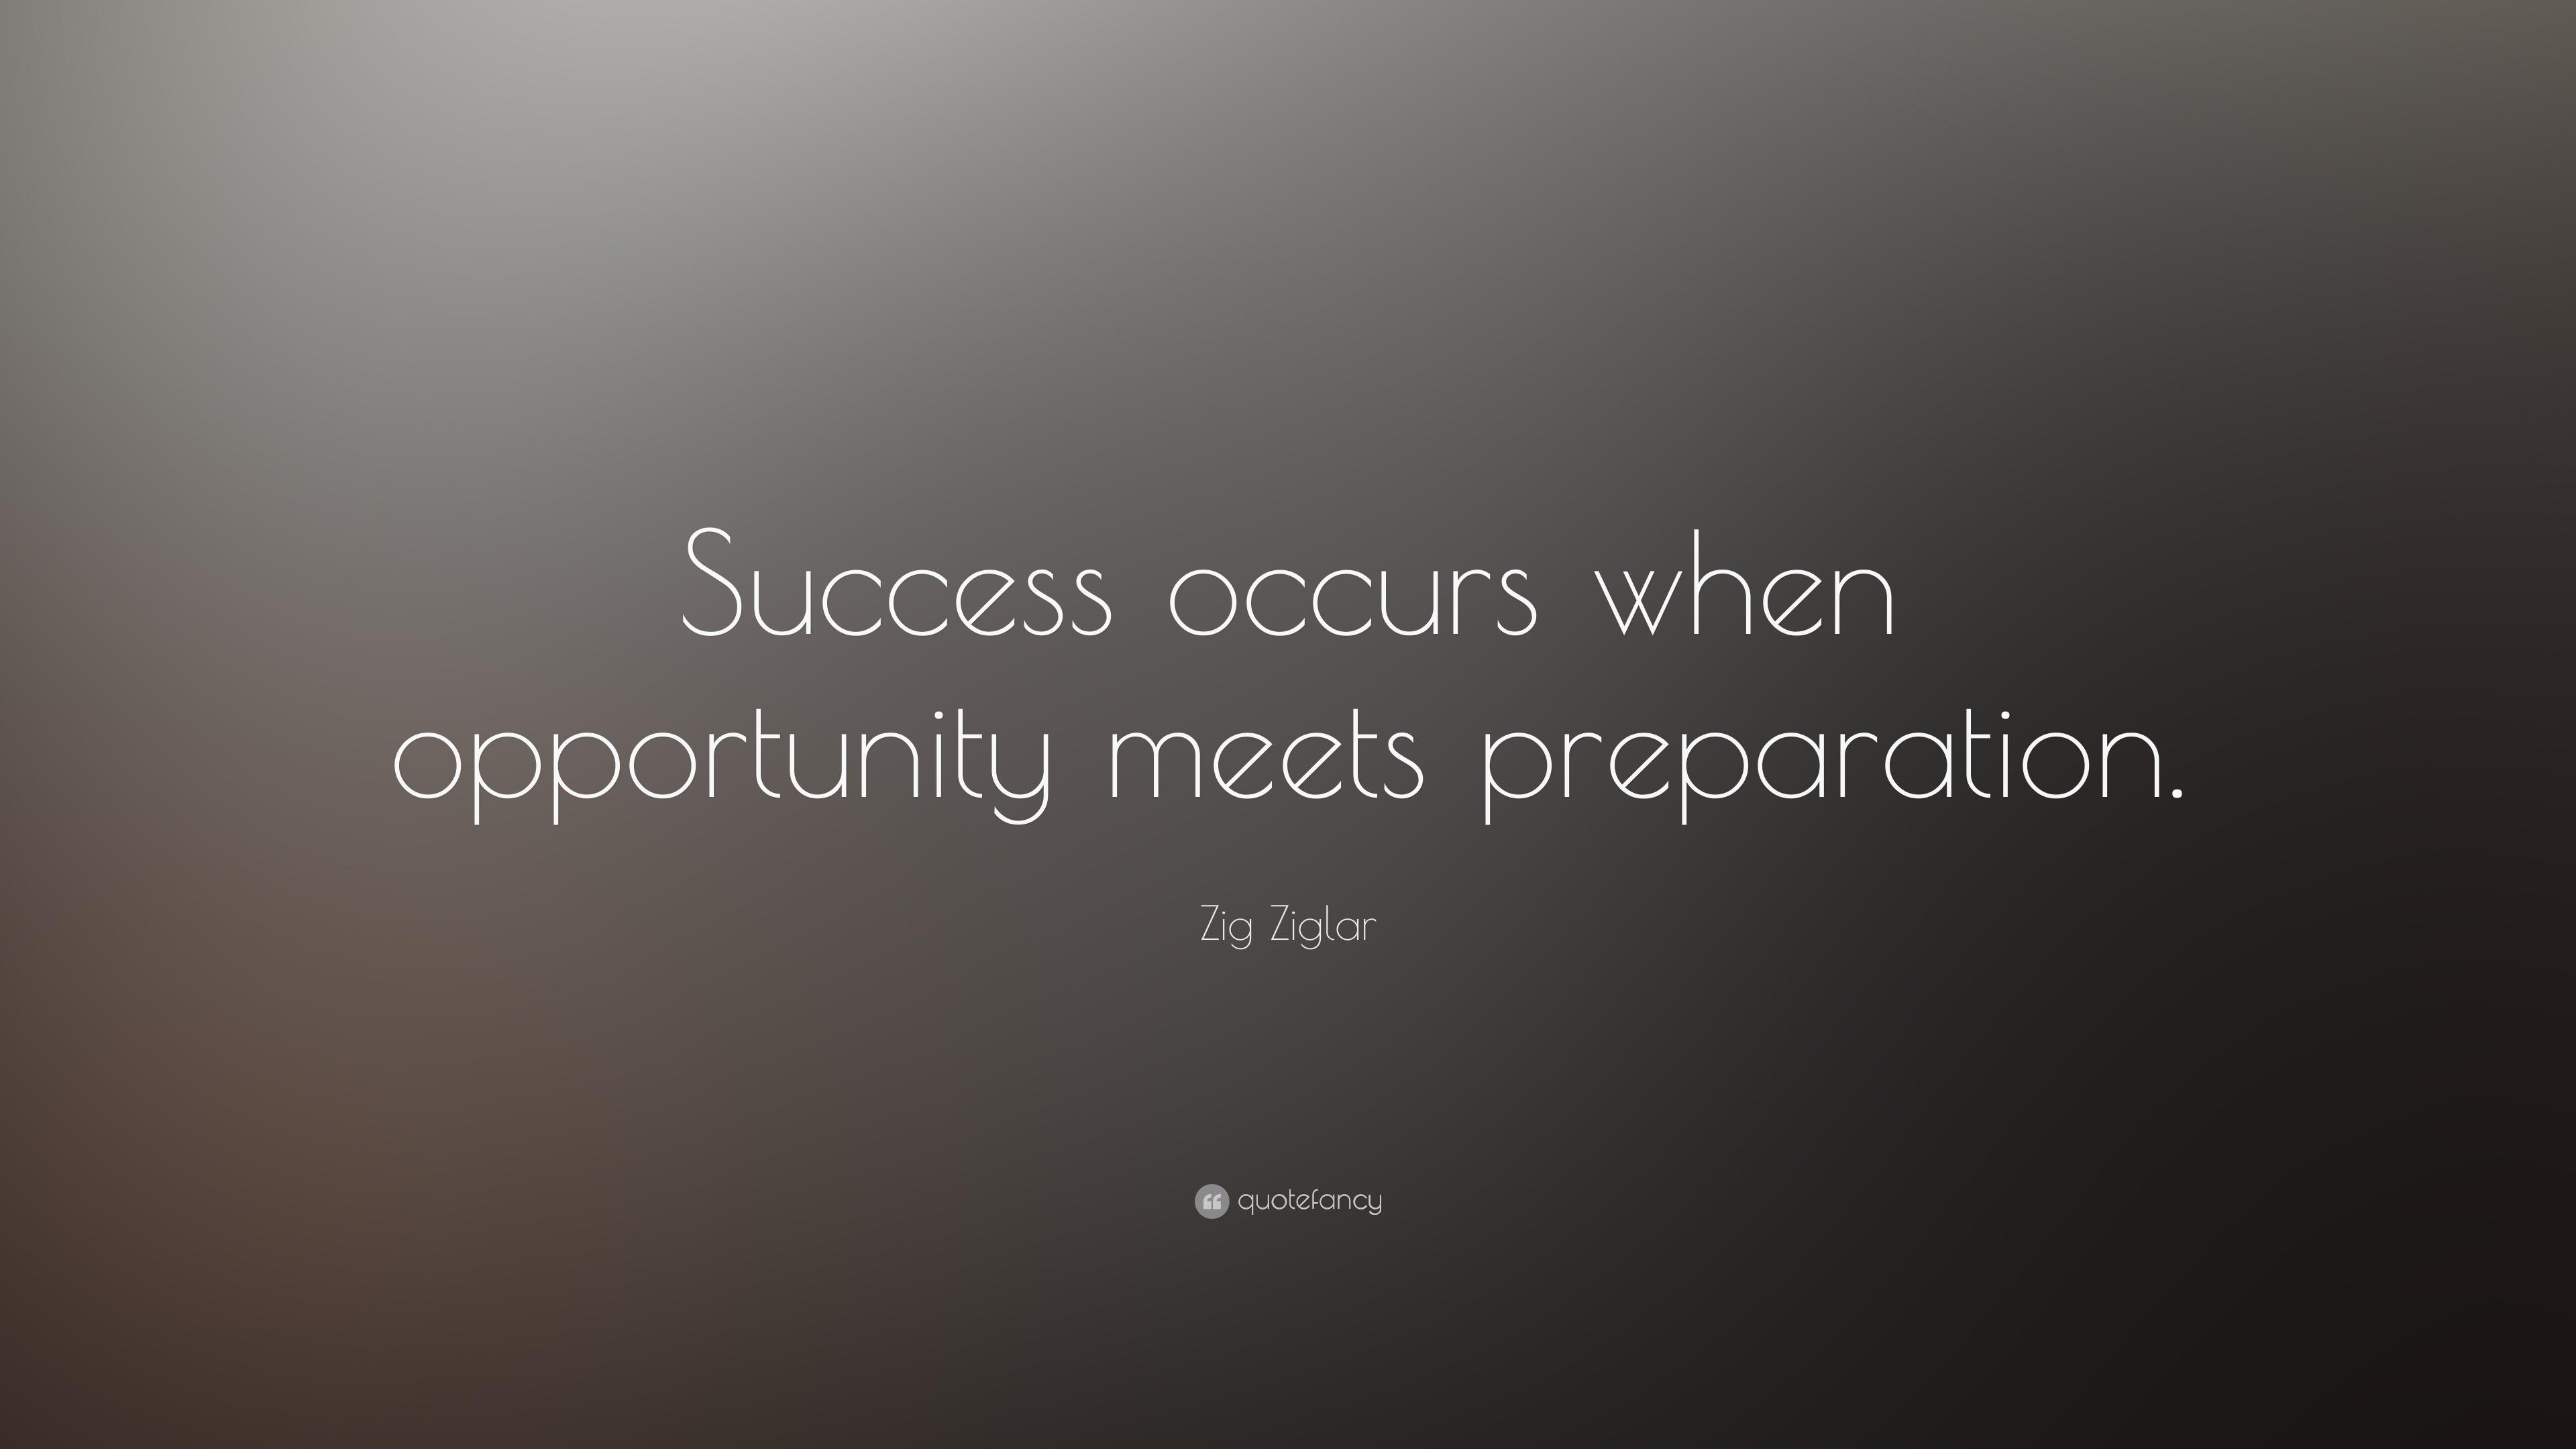 Zig Ziglar Quote Success Occurs When Opportunity Meets Preparation 5 Wallpapers Quotefancy